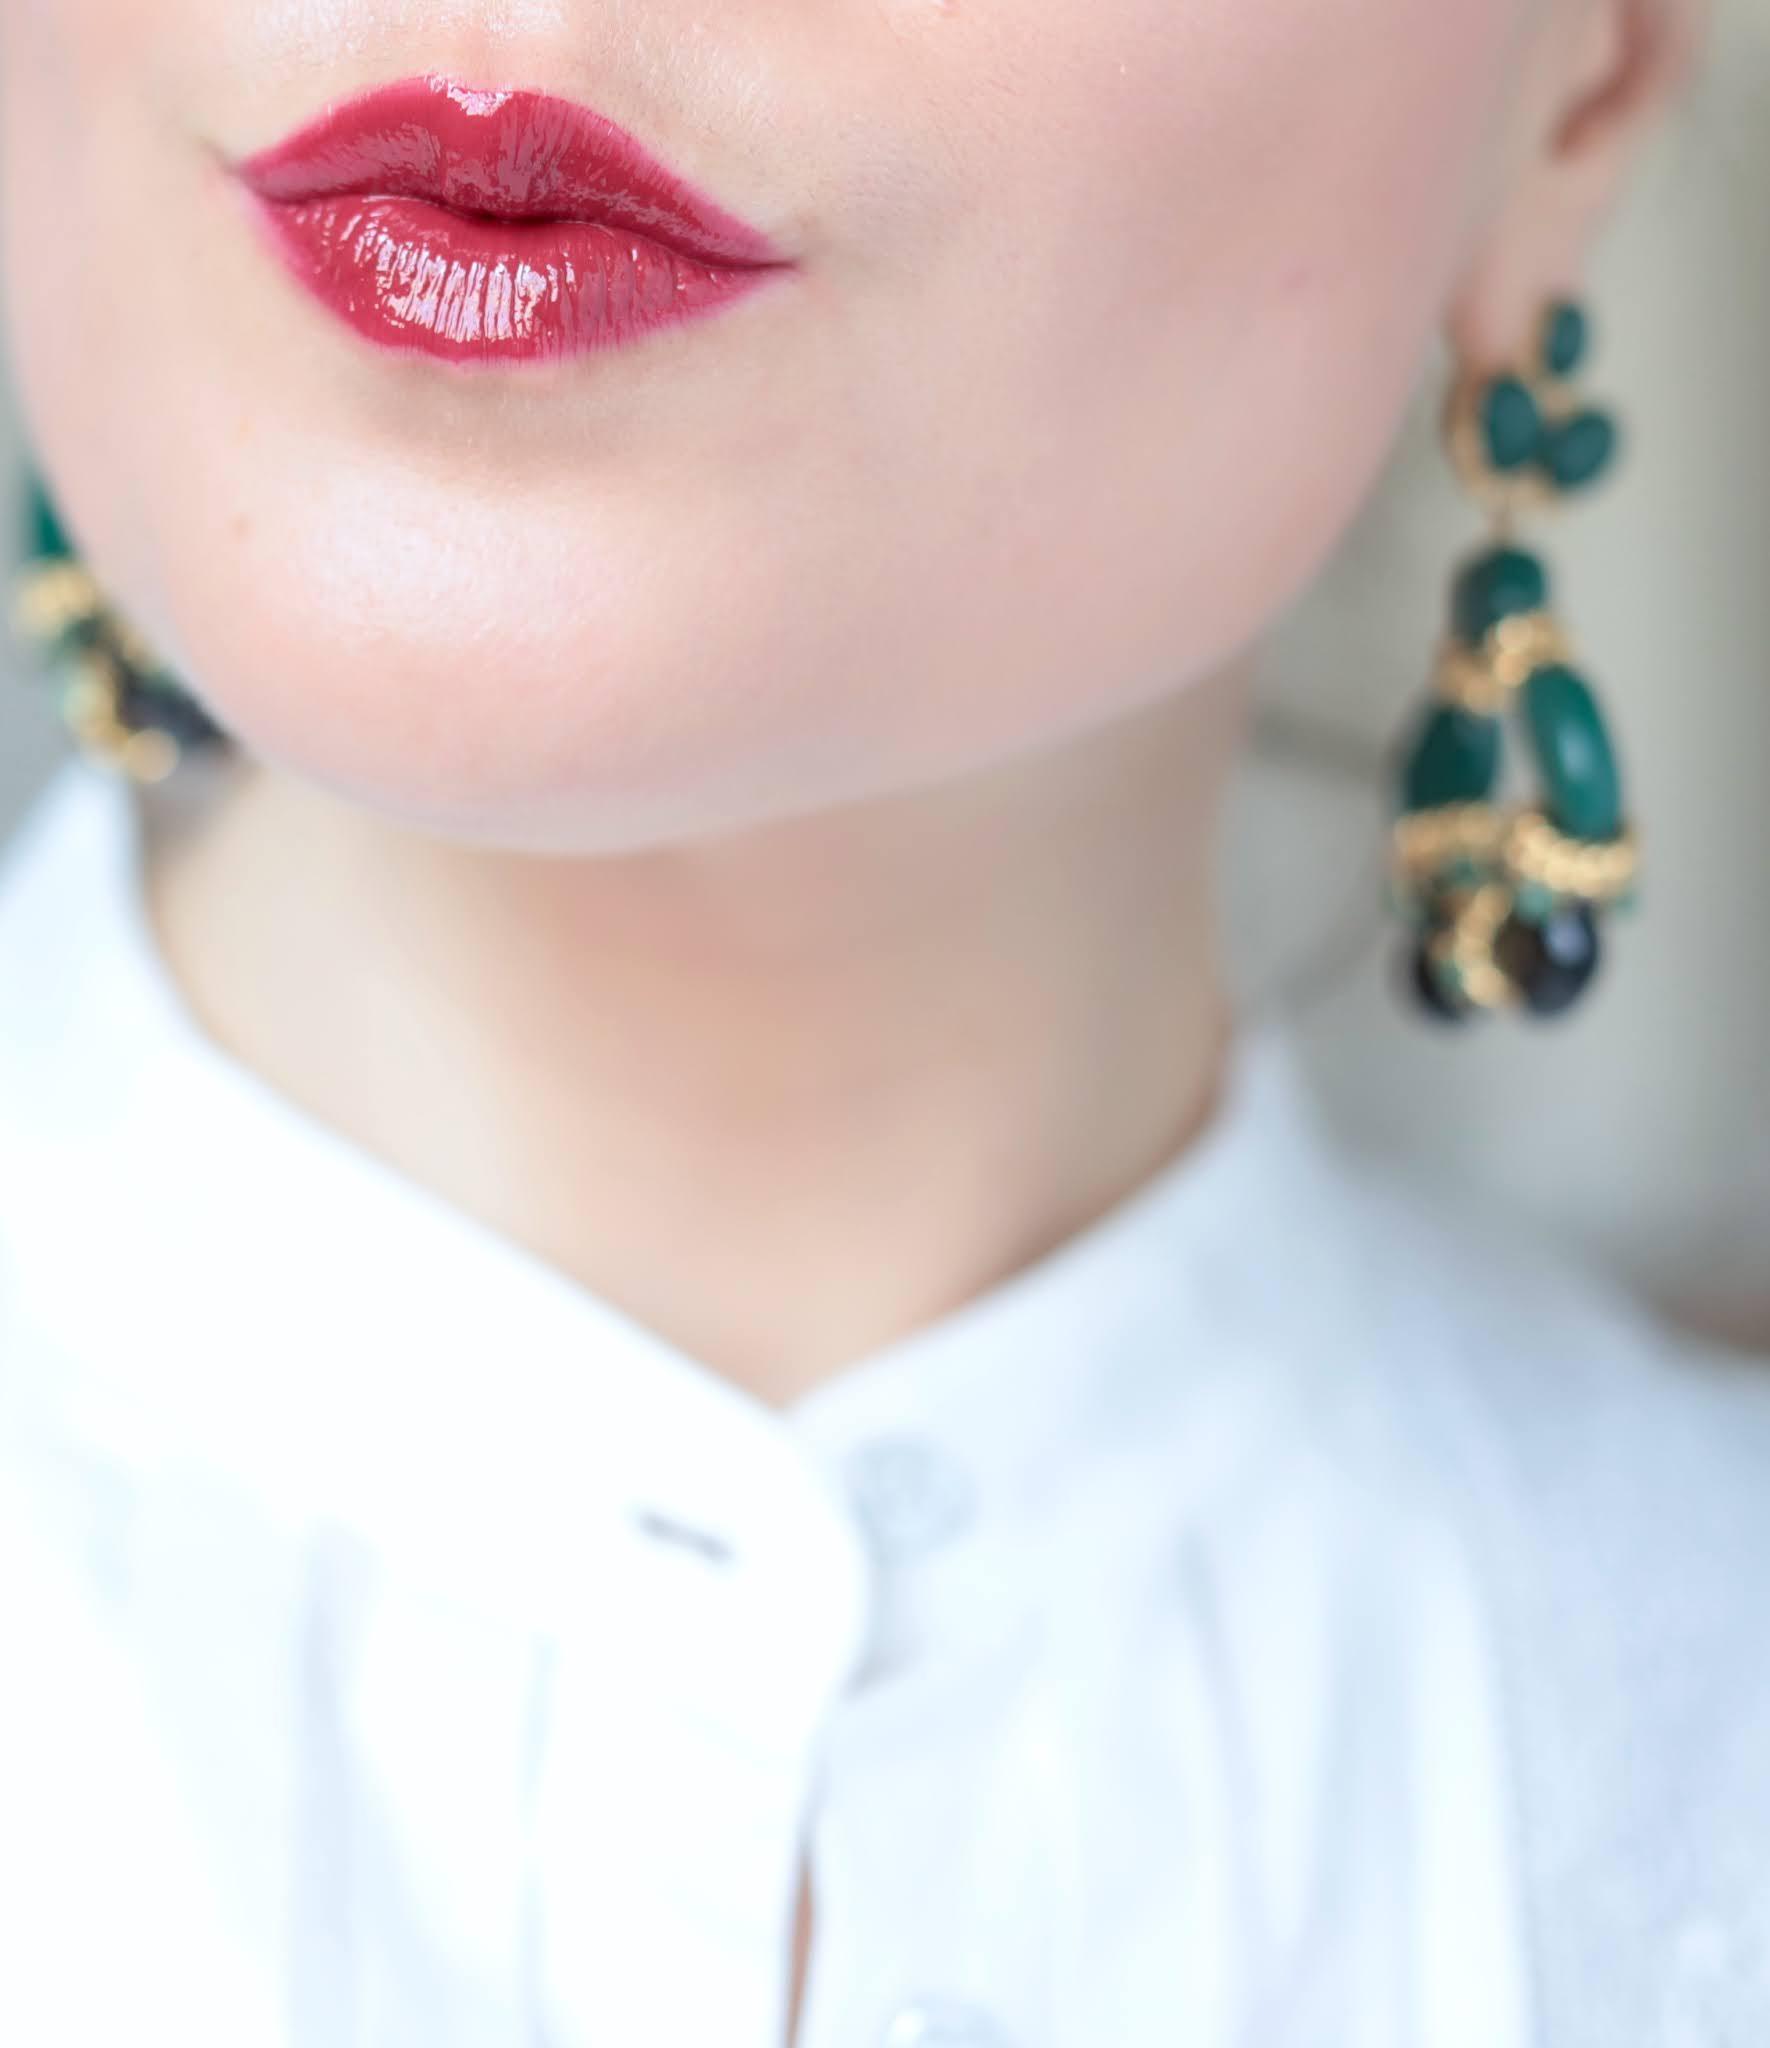 Guerlain Kiss Kiss Shine Bloom 809 Flower Fever